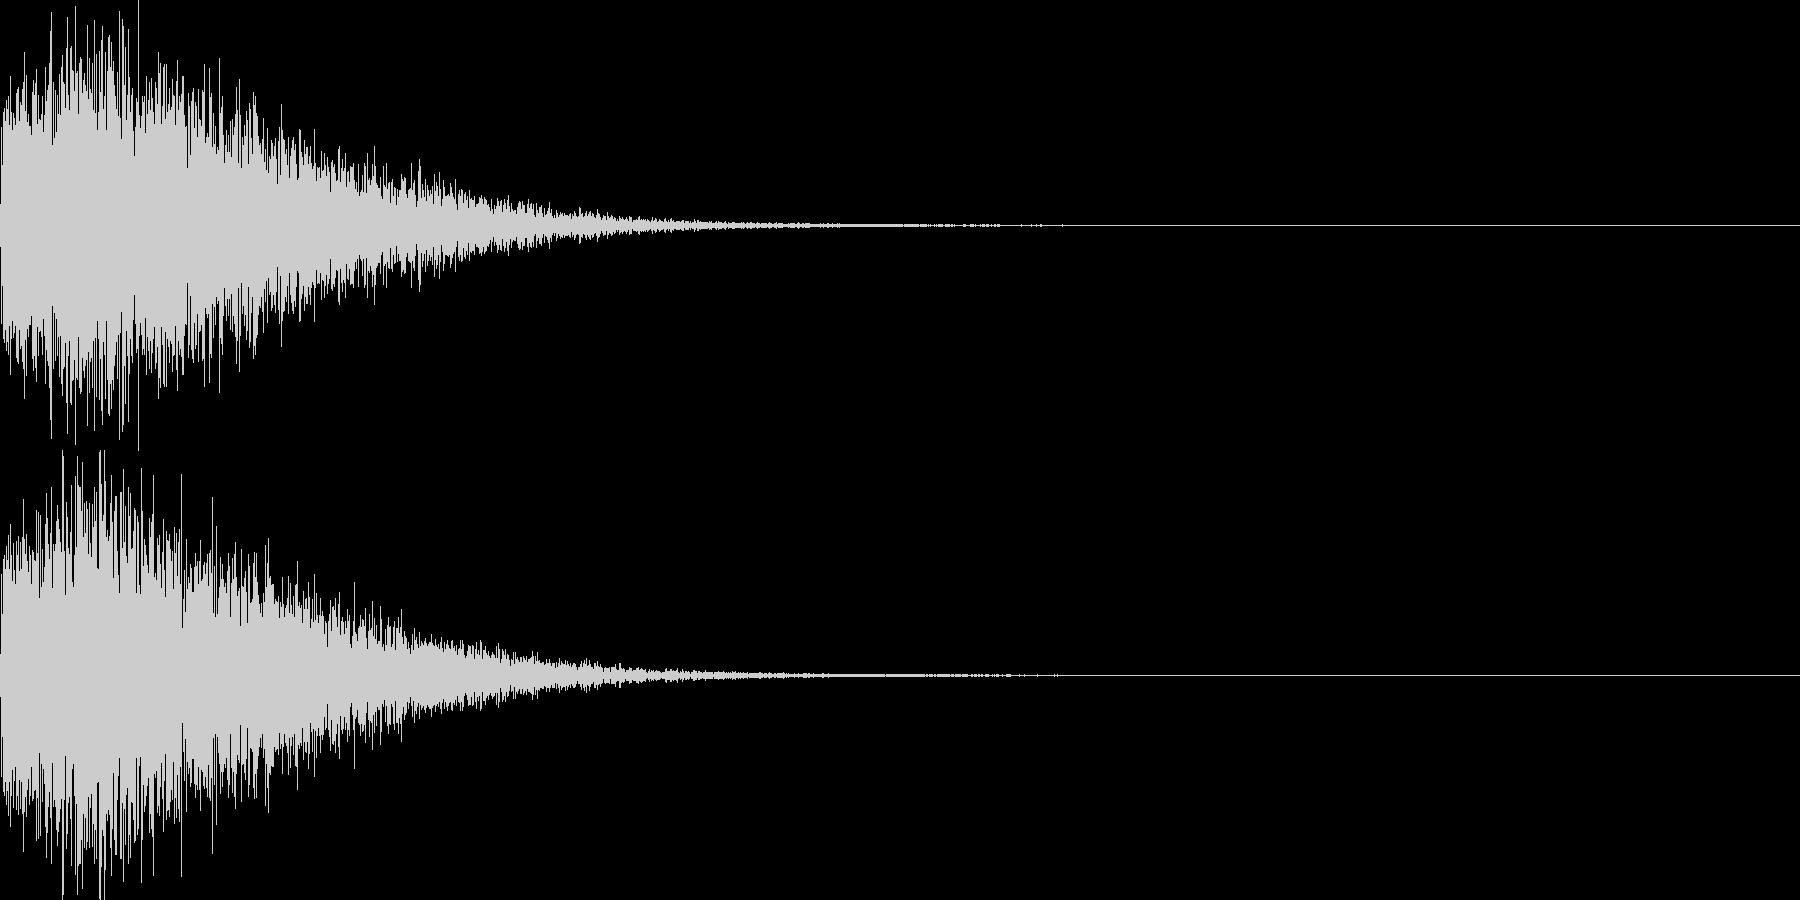 バキューン!(ピストルの発砲音)その3の未再生の波形